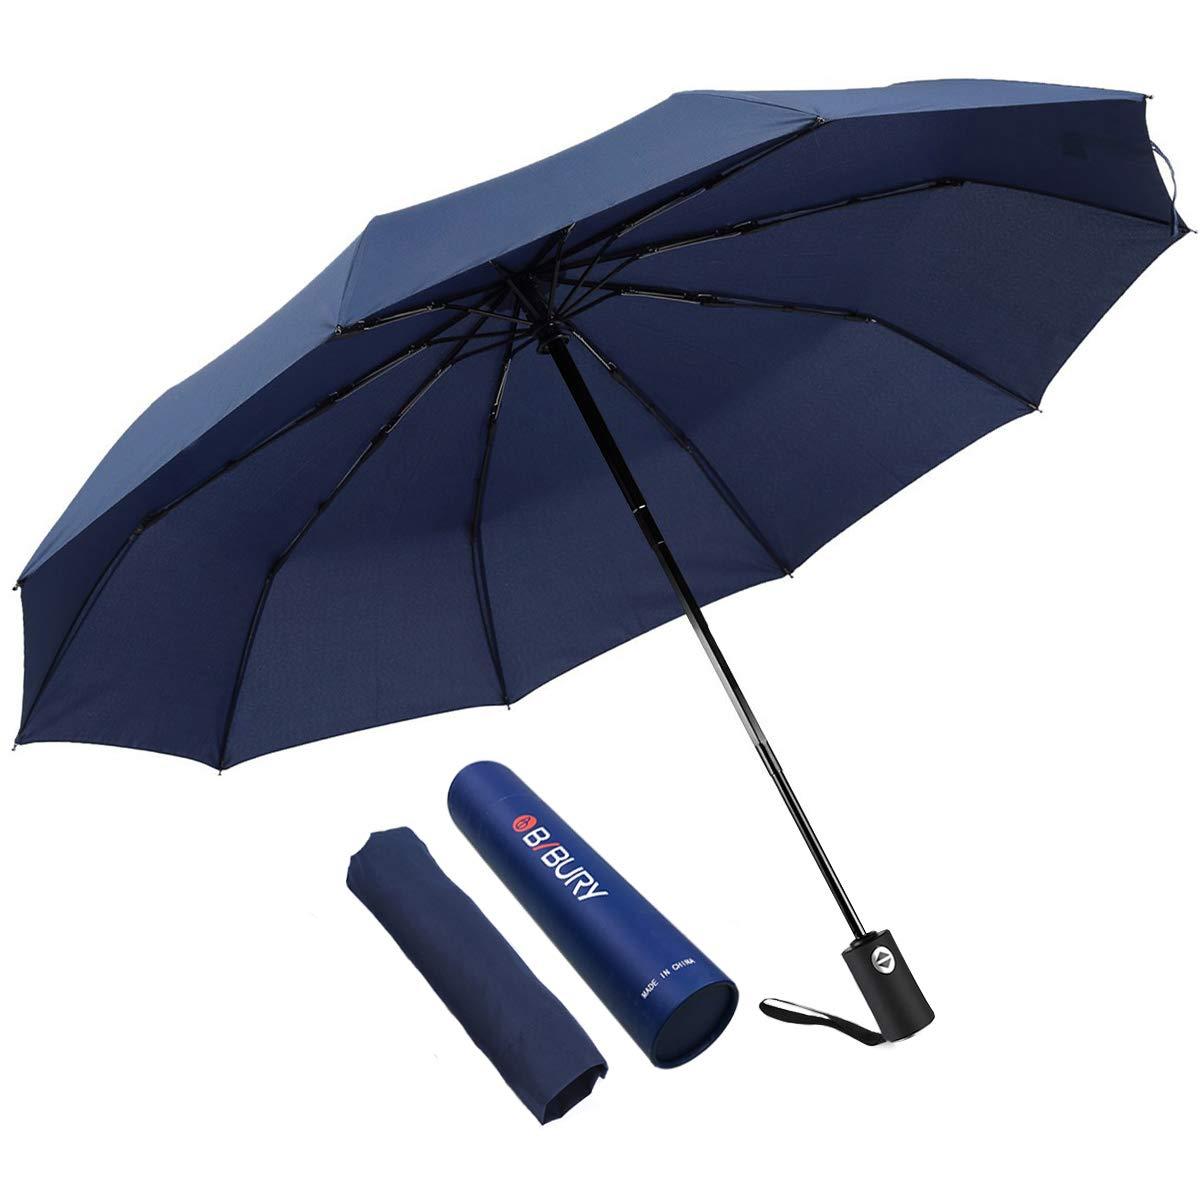 Bibury 傘 旅行 Lサイズ 太陽と雨 コンパクト 折りたたみ式 自動 軽量 210T 10リブ 55MPH 傘 レディース メンズ   B07RXTLCXL